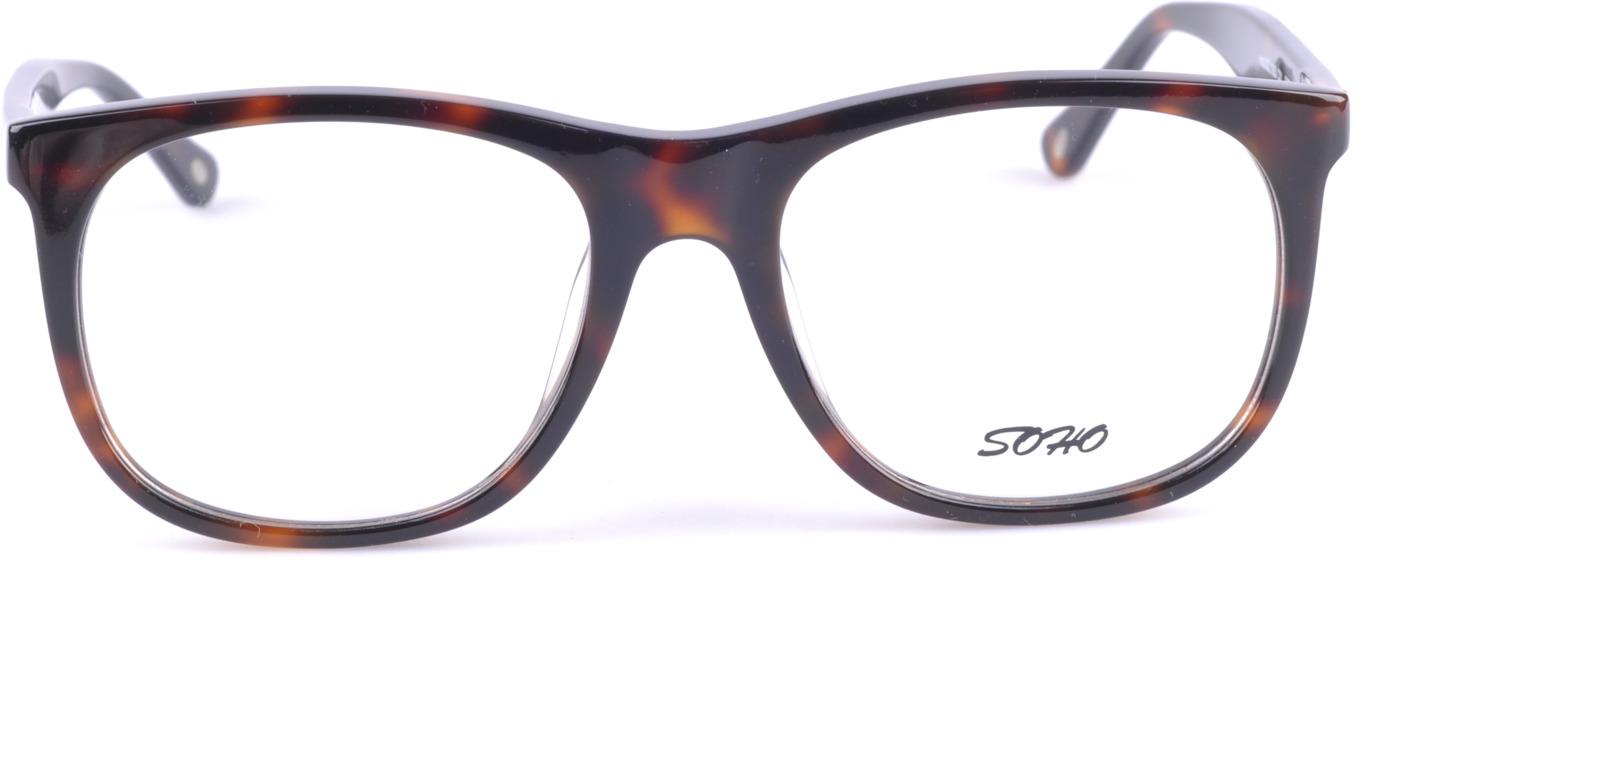 Оправа для очков женская Soho, SCL1003 C01, коричневый цена